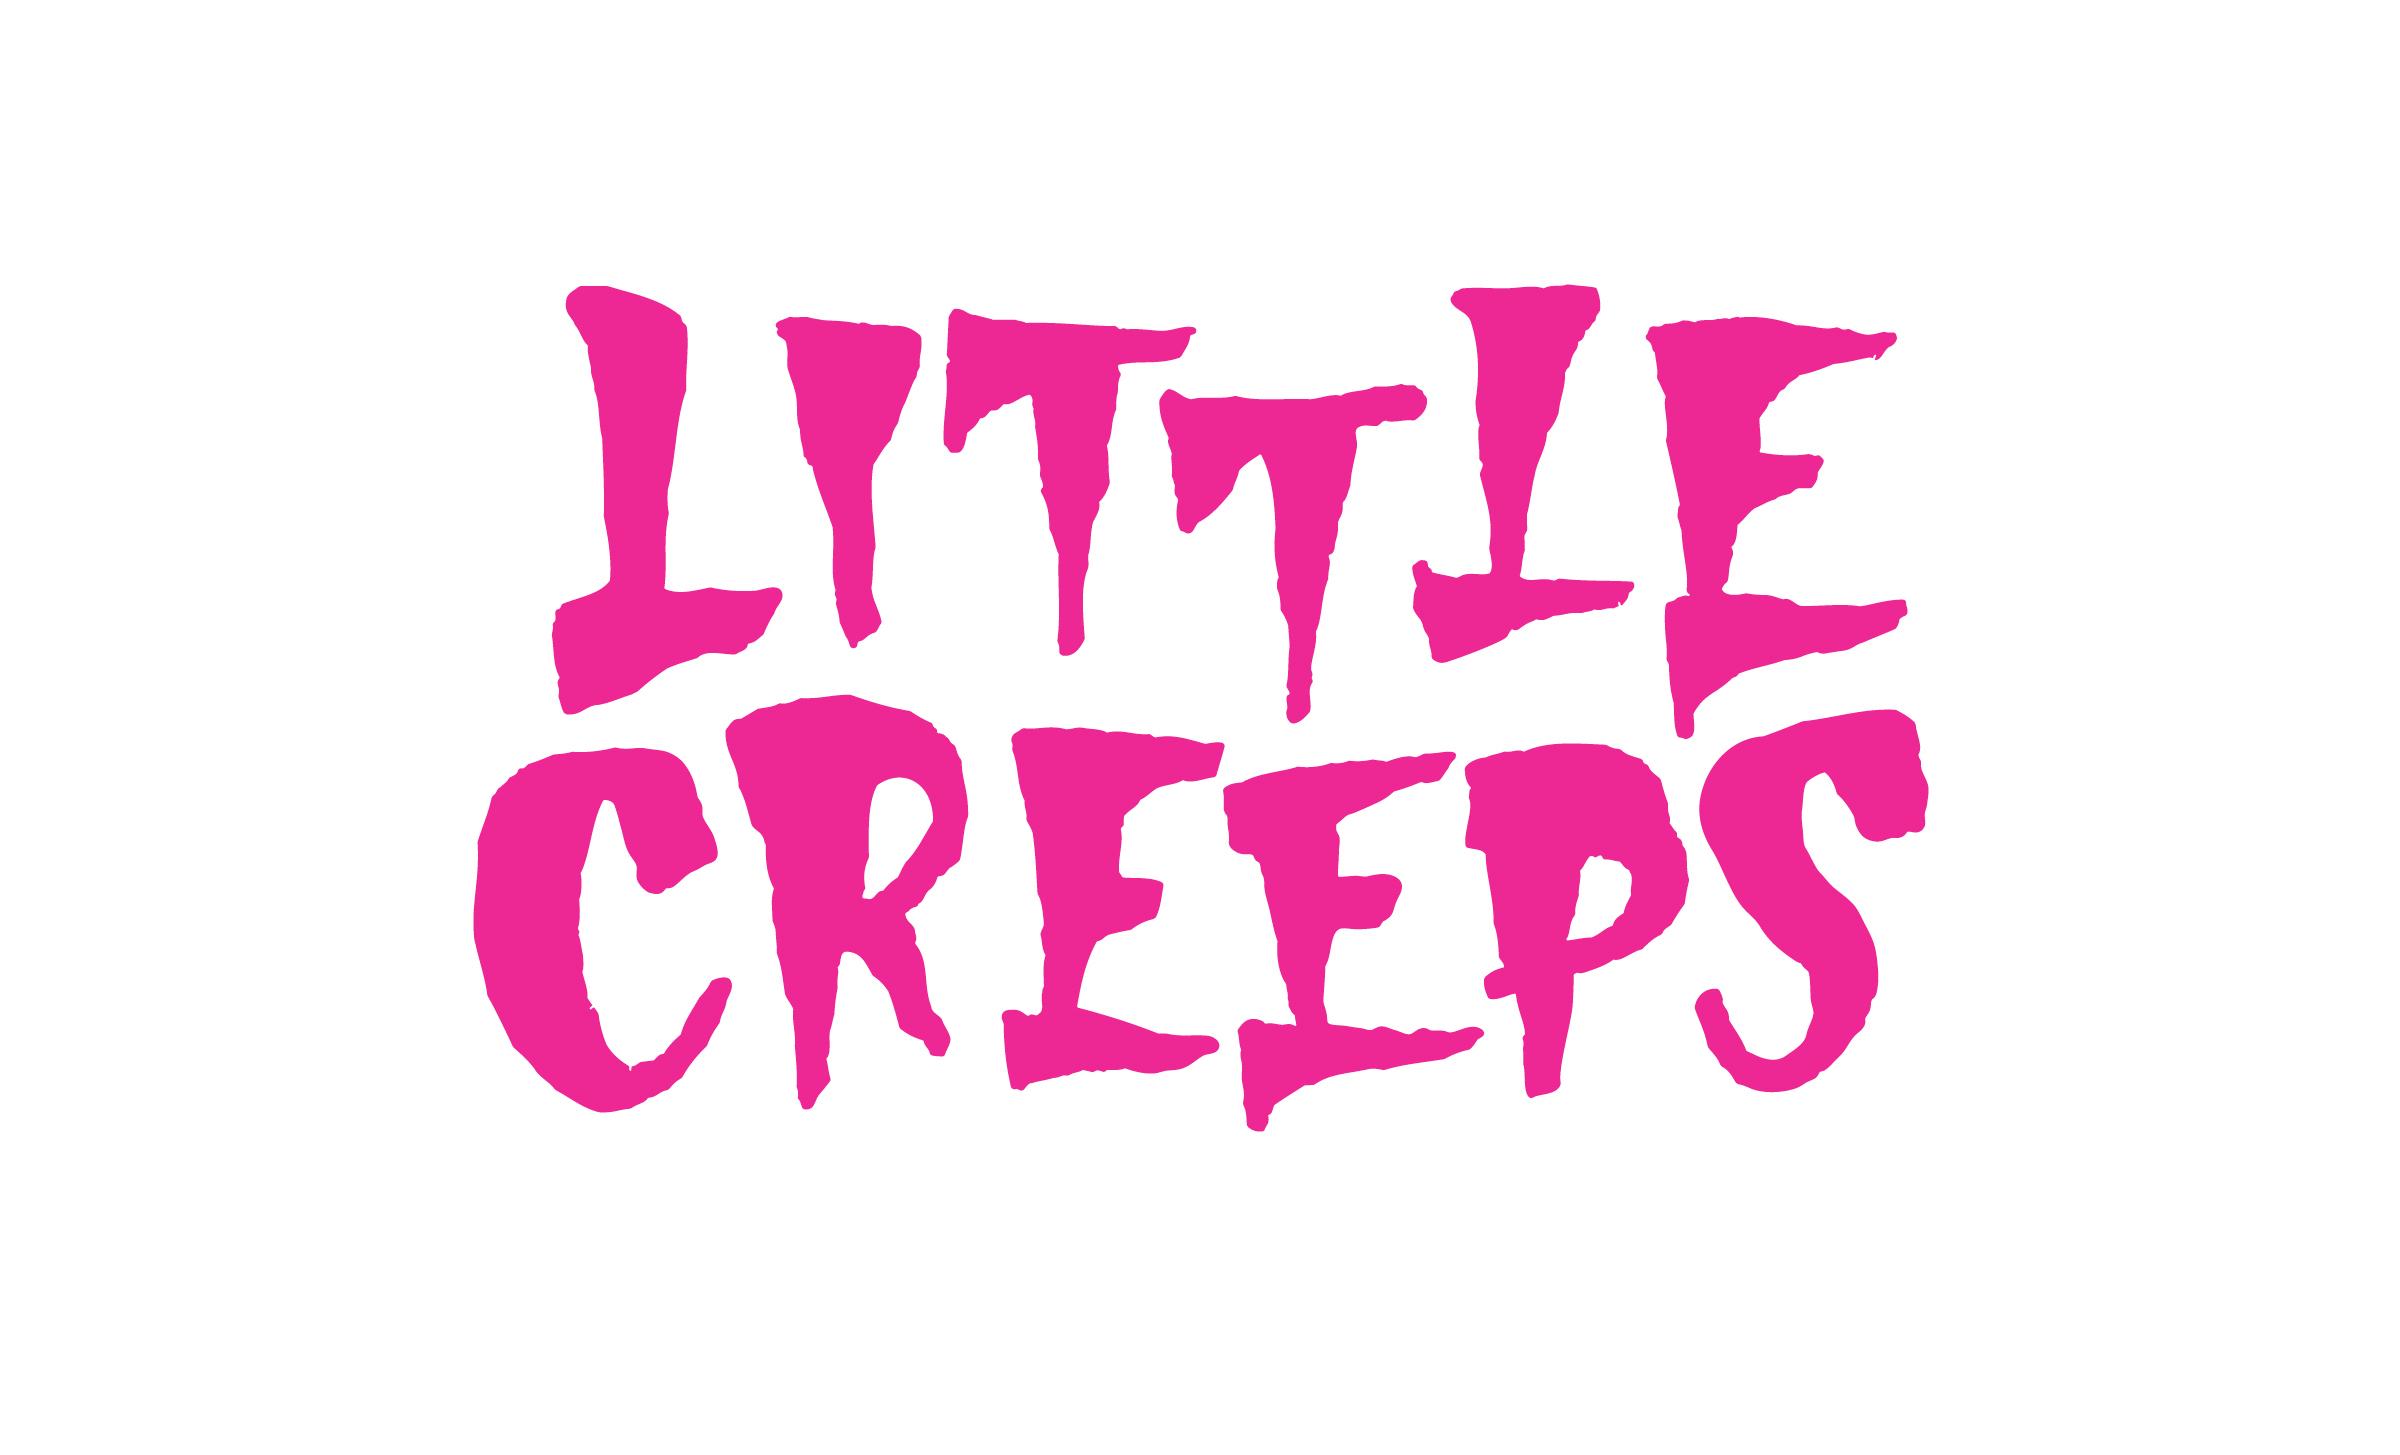 AnthonyElder_Website_LittleCreeps_1.jpg